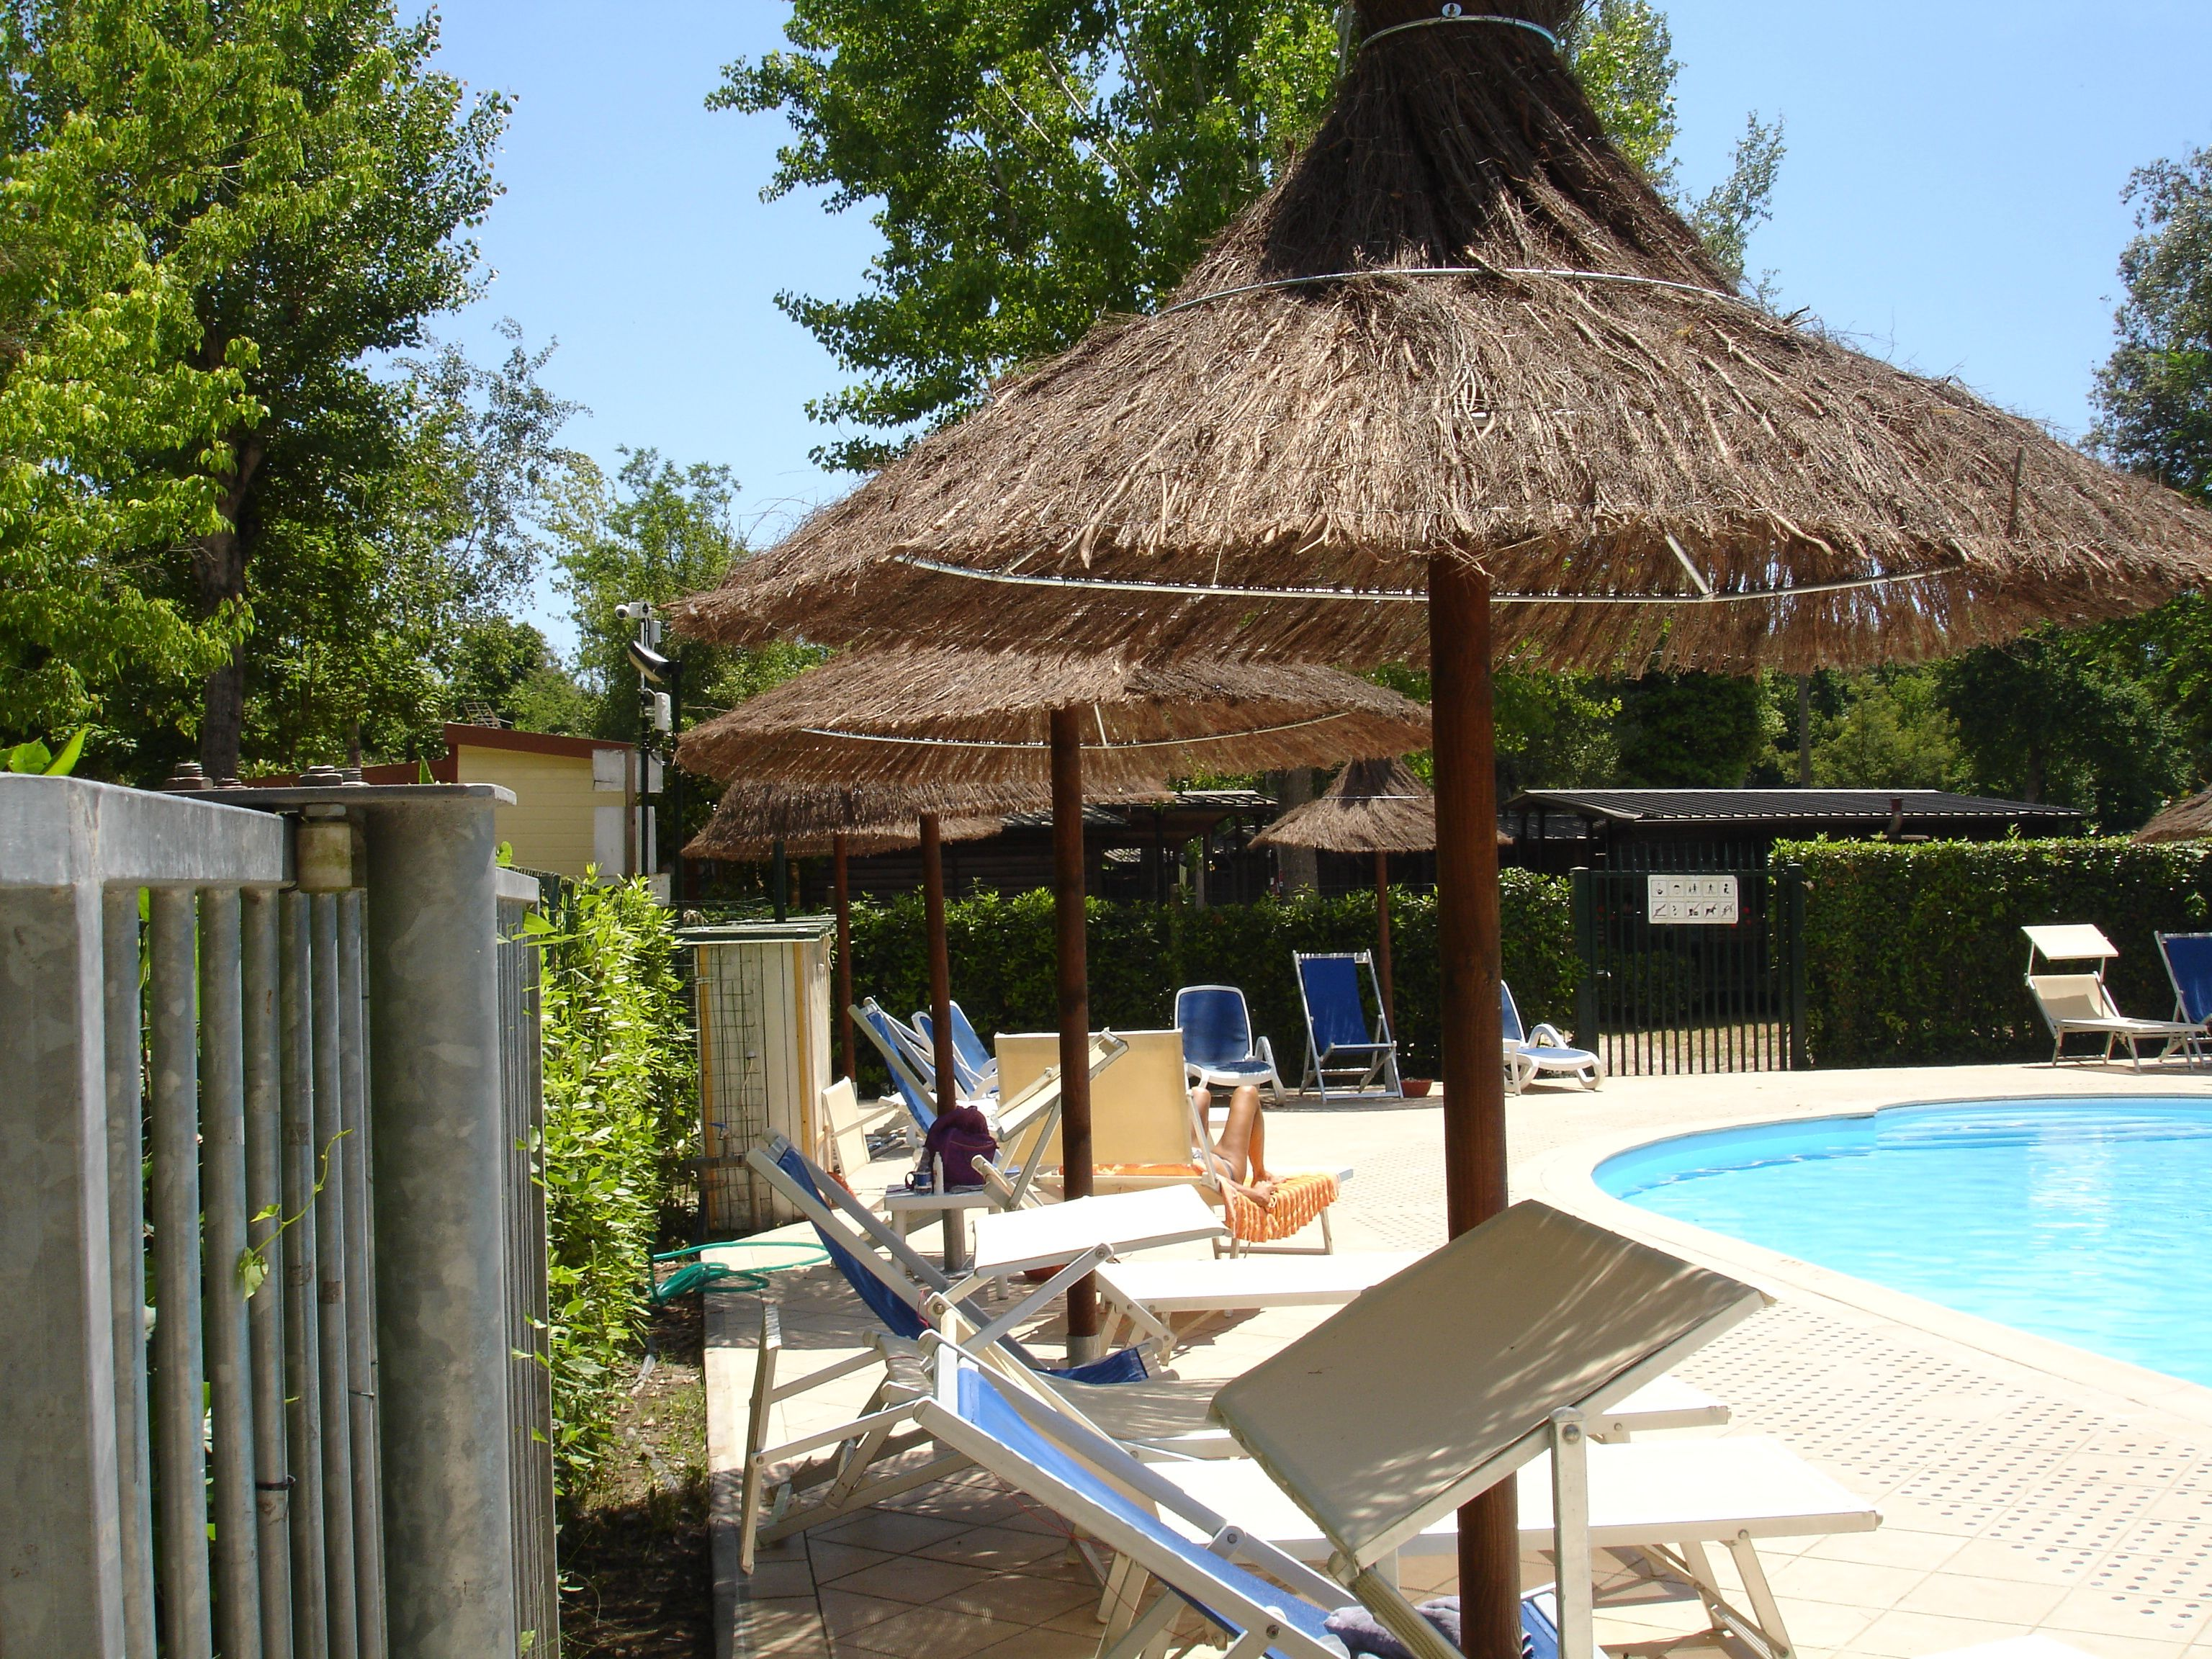 Relaxen onder de nieuwe parasols bij het zwembad van Camping Bosco Verde